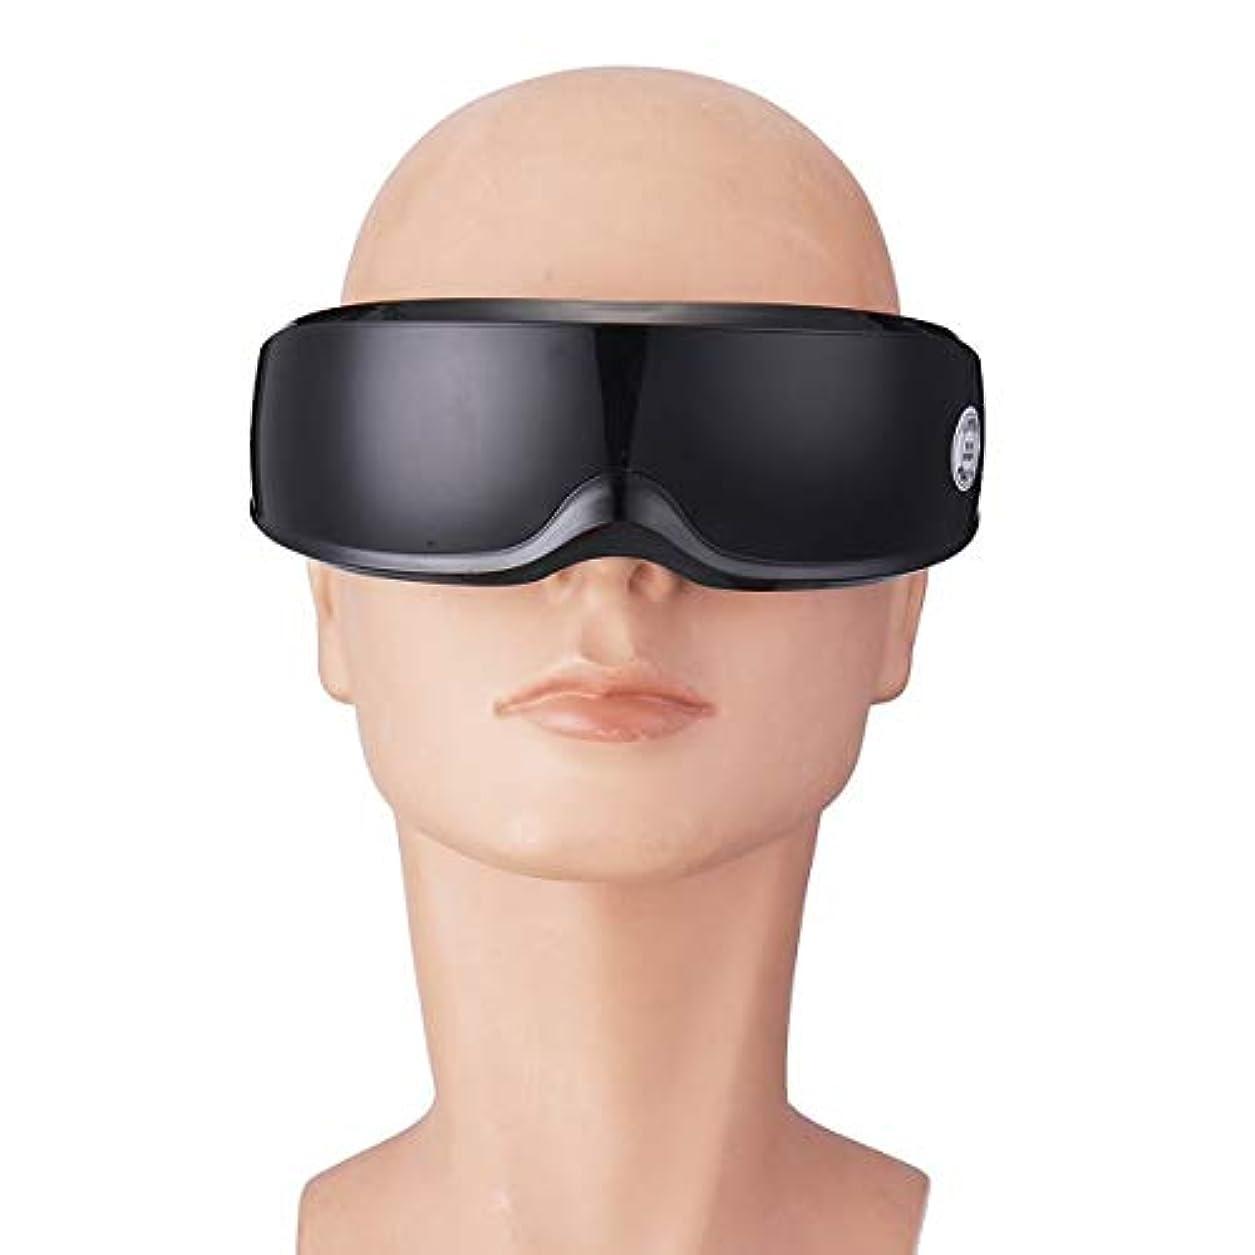 説明証拠高速道路USB Charging Electric Eye Massager Heating Care Vibration Massage Stress Relief Relaxation Eyesight Recovery Eye...